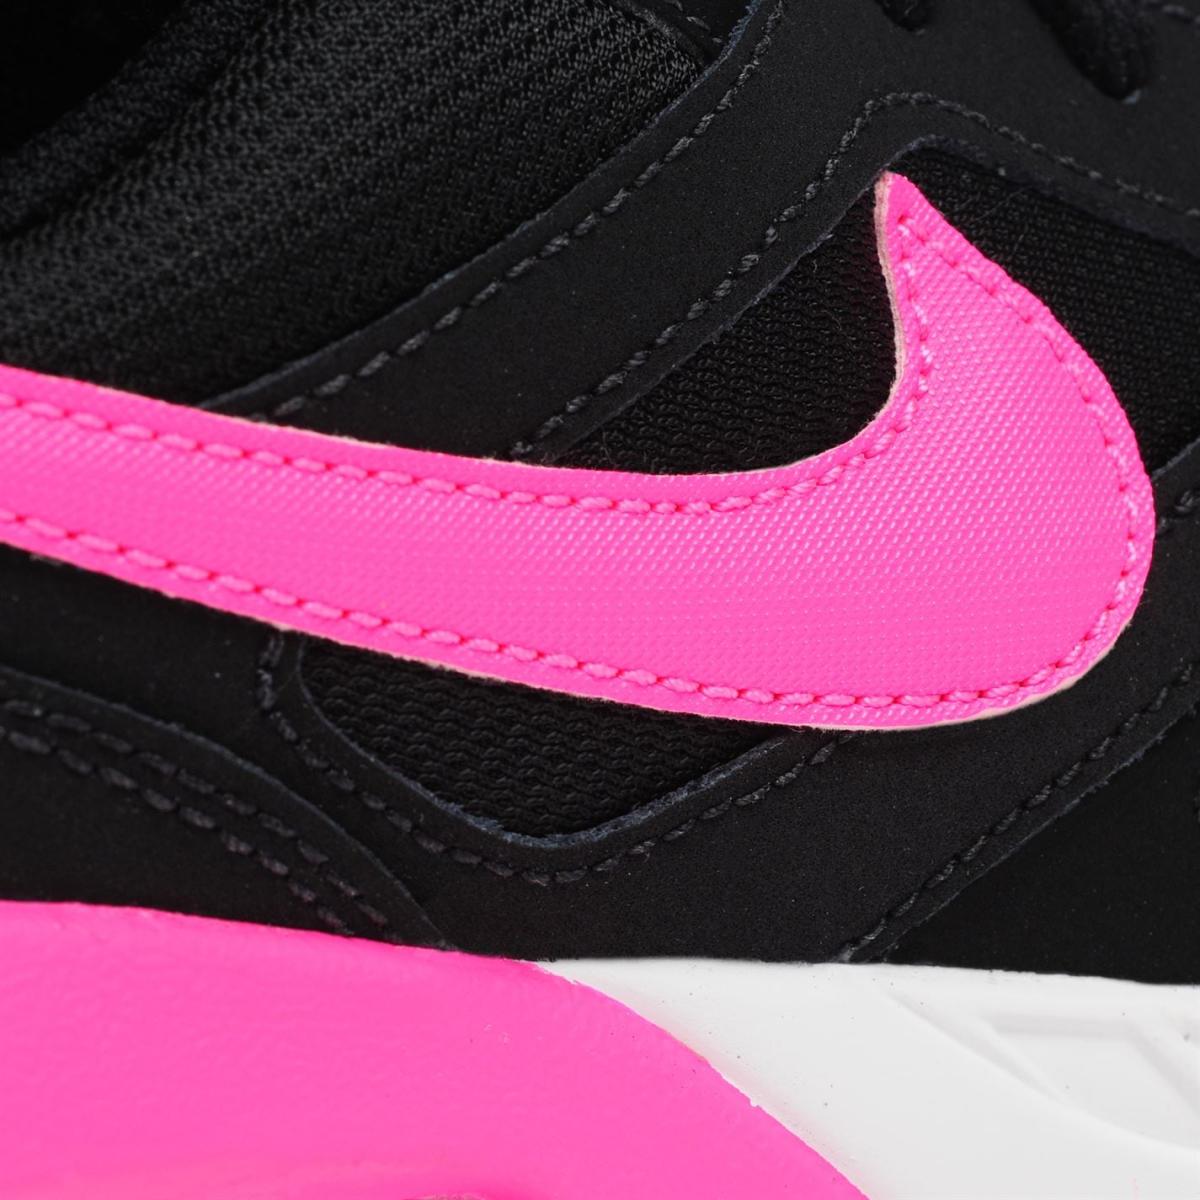 Nike Air Max Ivo Turnschuhe Laufschuhe Mädchen Kinder Sneaker Sportschuhe 7010